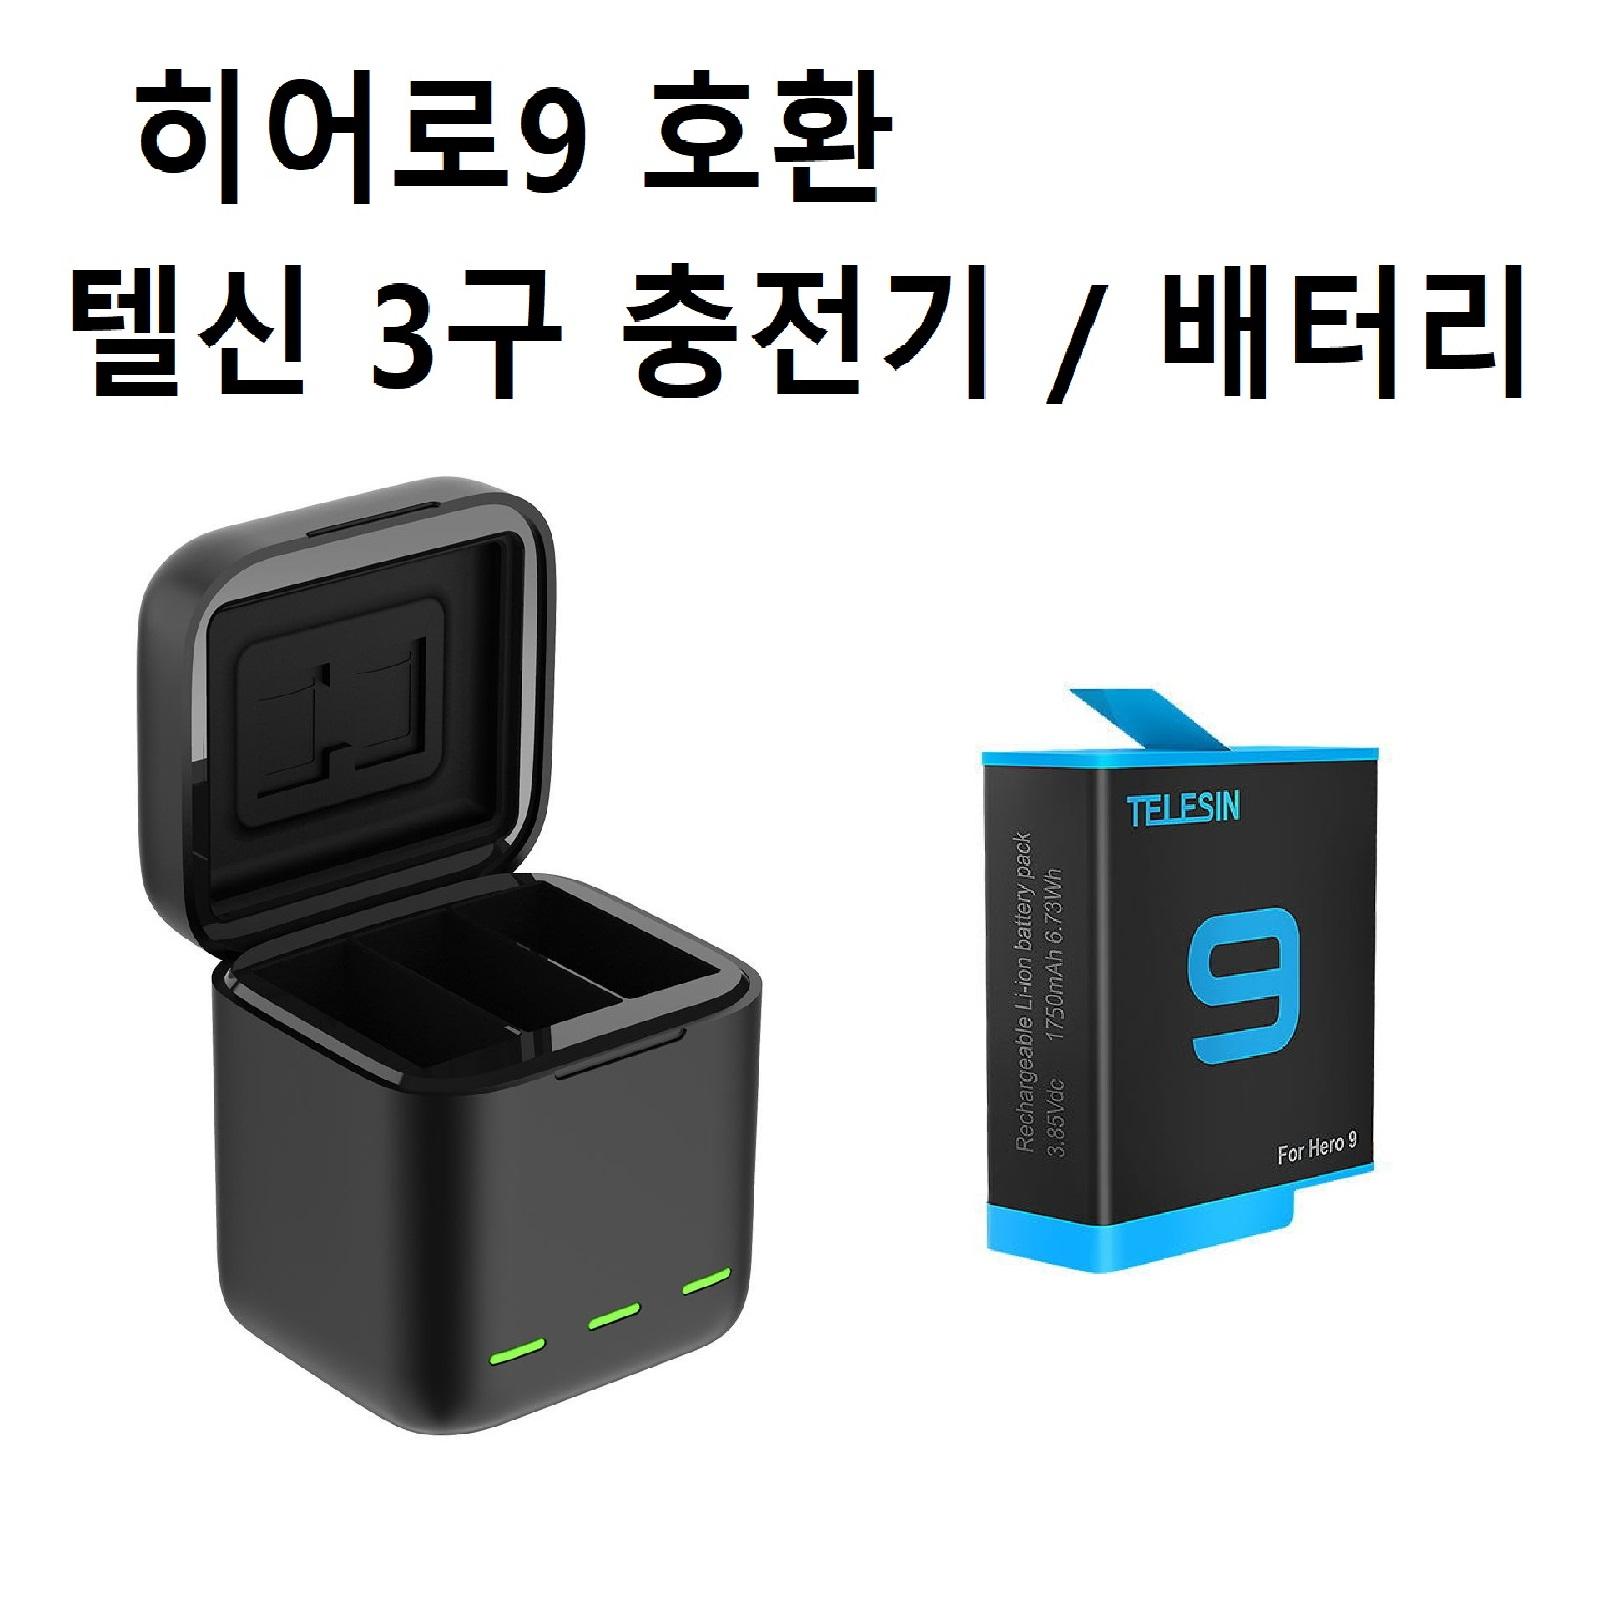 [항공배송]고프로 히어로9 호환 충전기 배터리 트리플 큐브형 텔신정품-18-4368237082